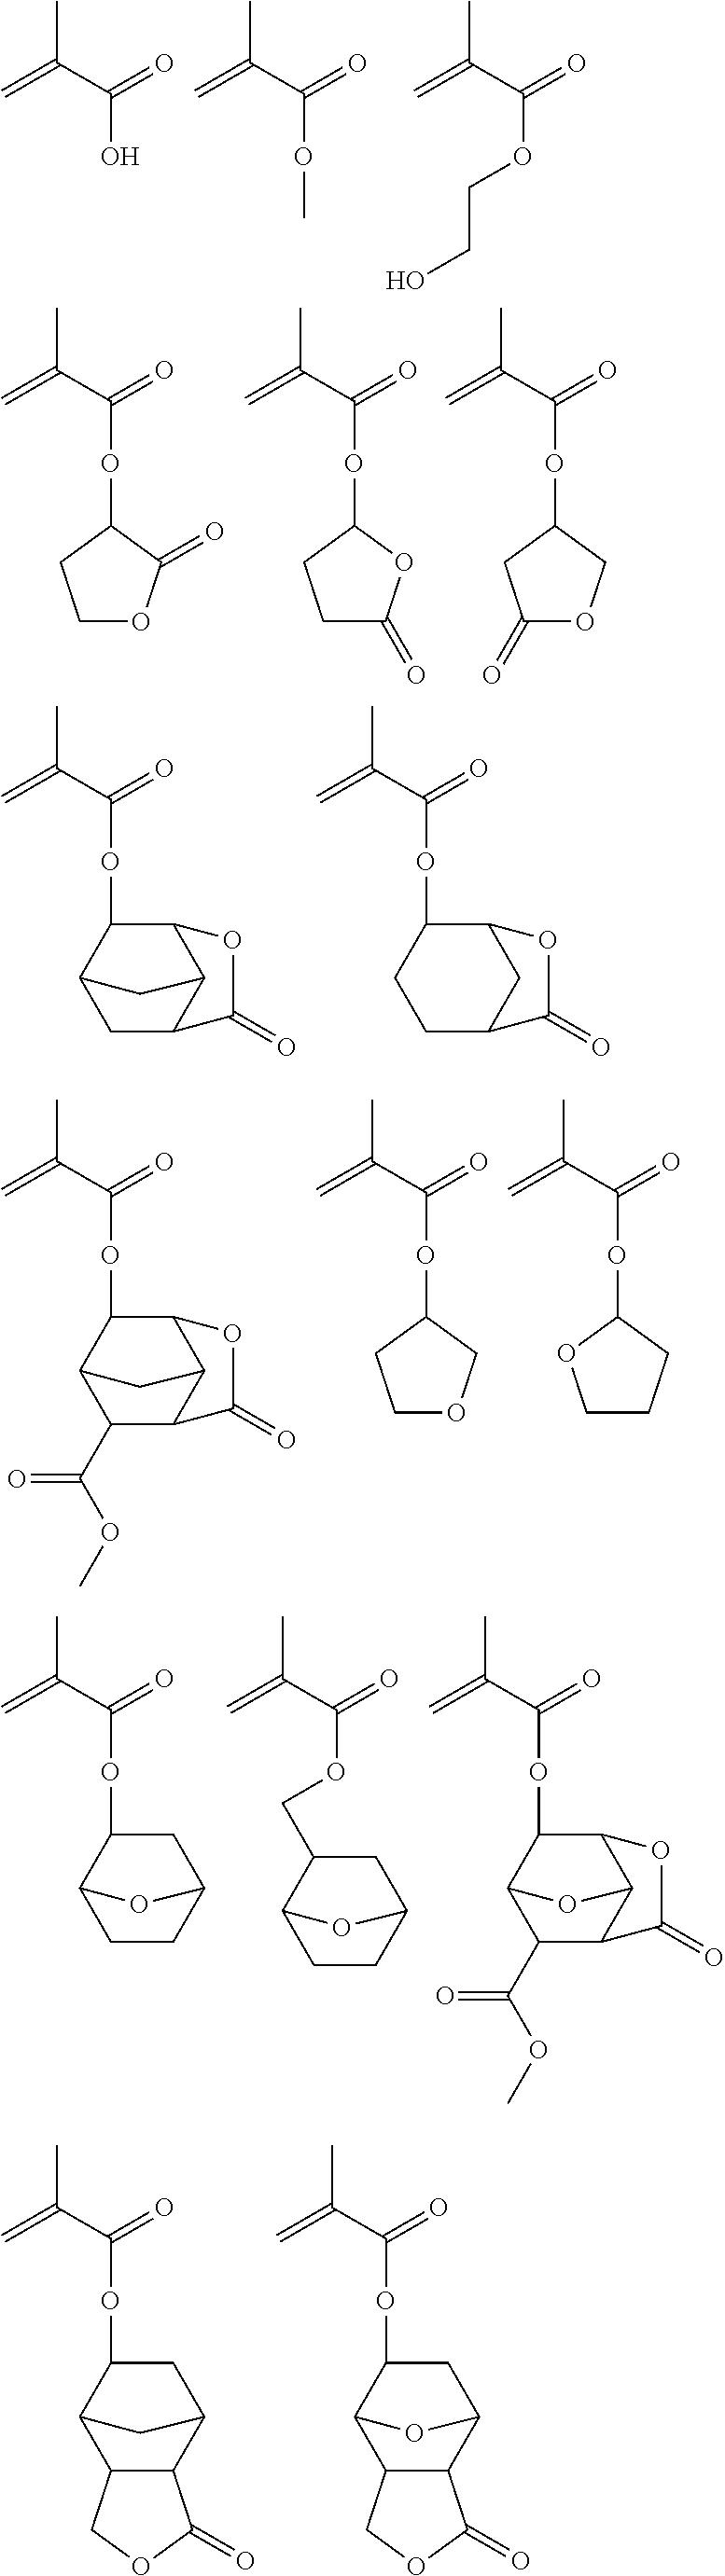 Figure US20110294070A1-20111201-C00034